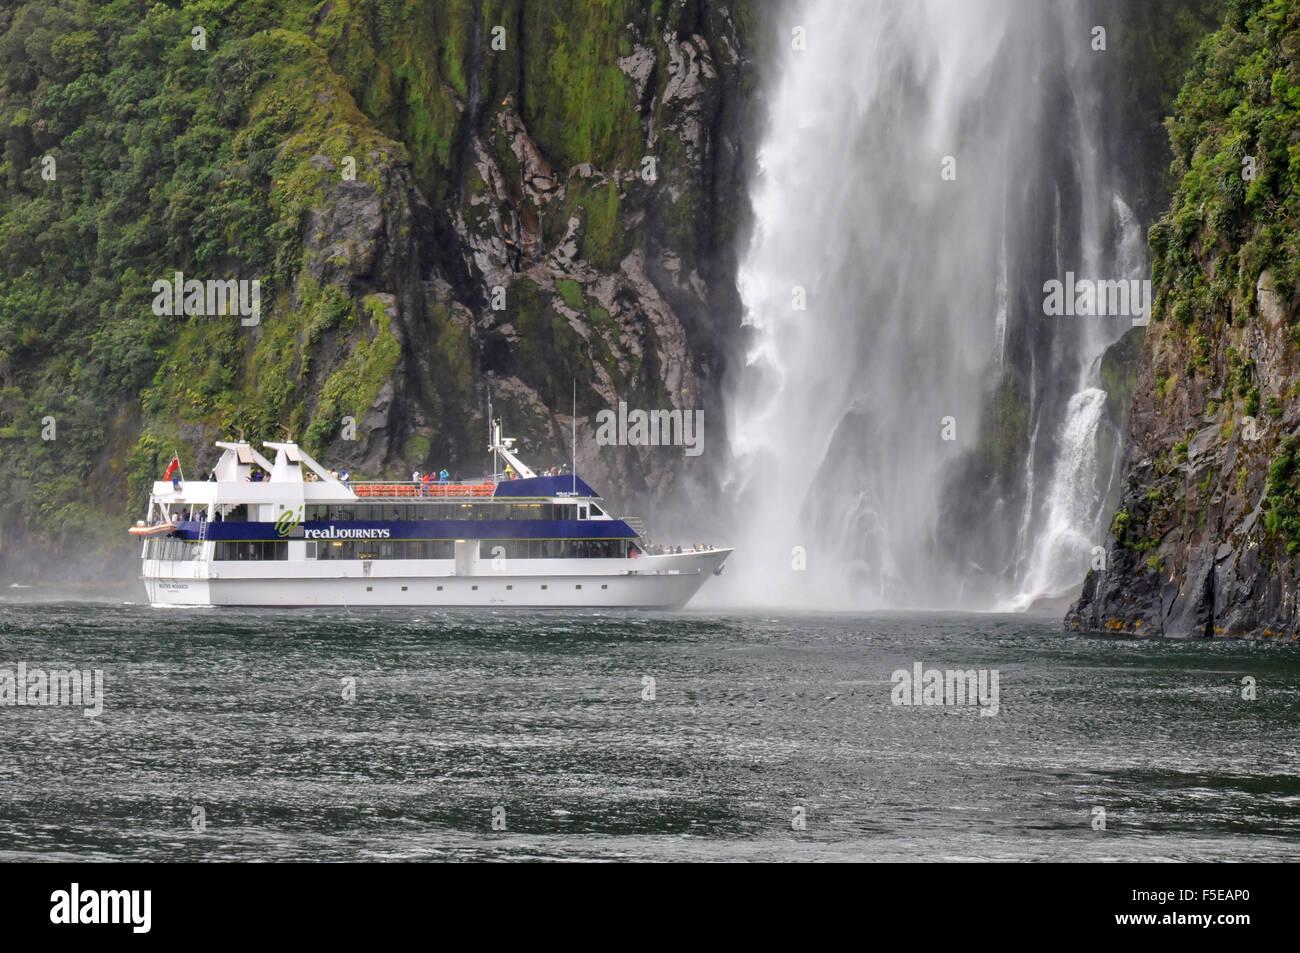 Tourenboot in der Nähe von Stirling Wasserfall, Milford sound, Fiordland National Park, Neuseeland Stockbild